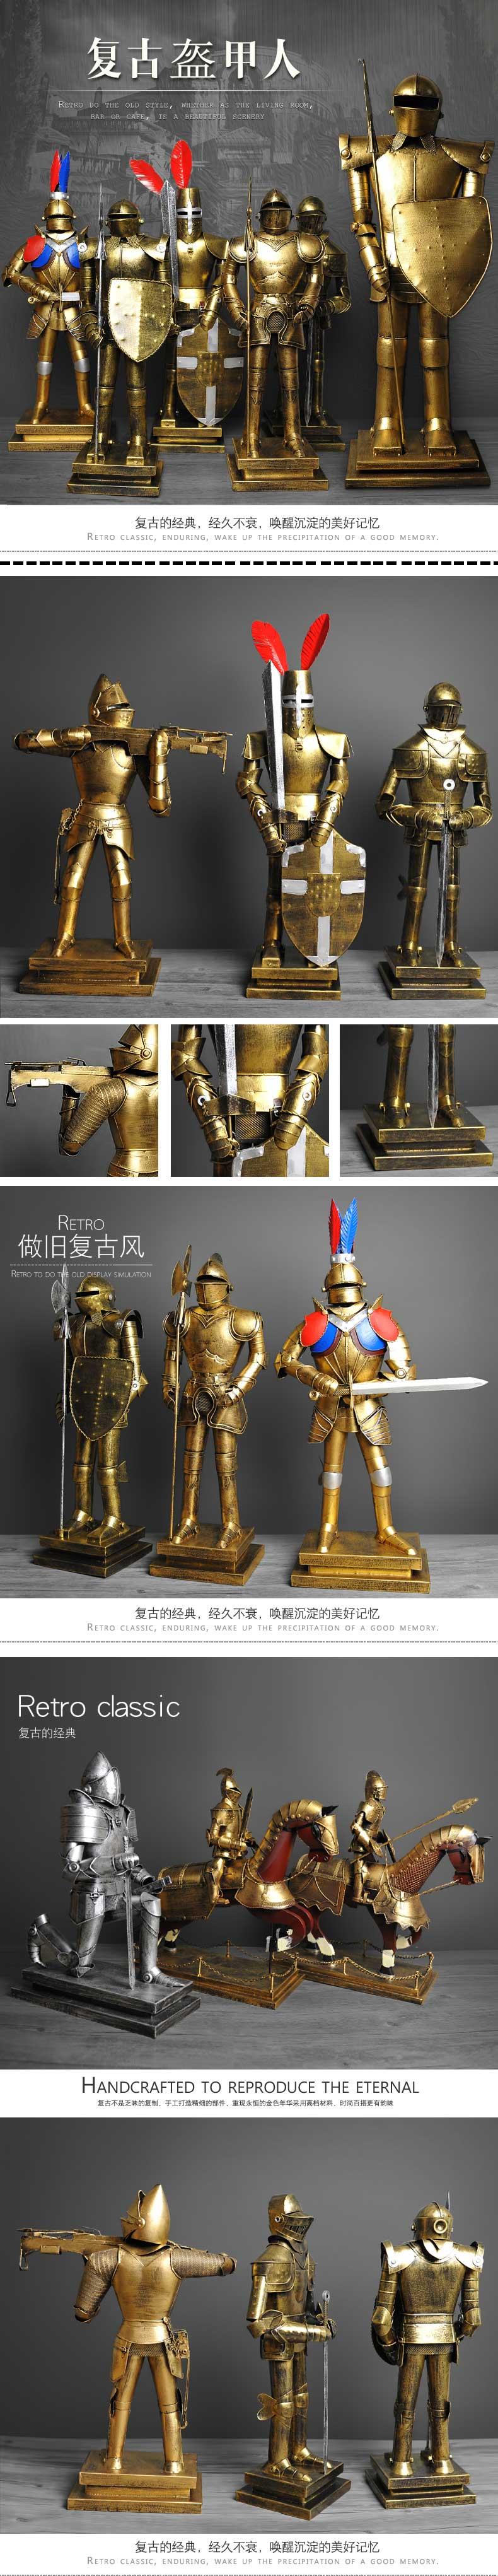 欧式中世纪罗马盔甲人士兵模型 复古铁皮武骑士摆件工艺品